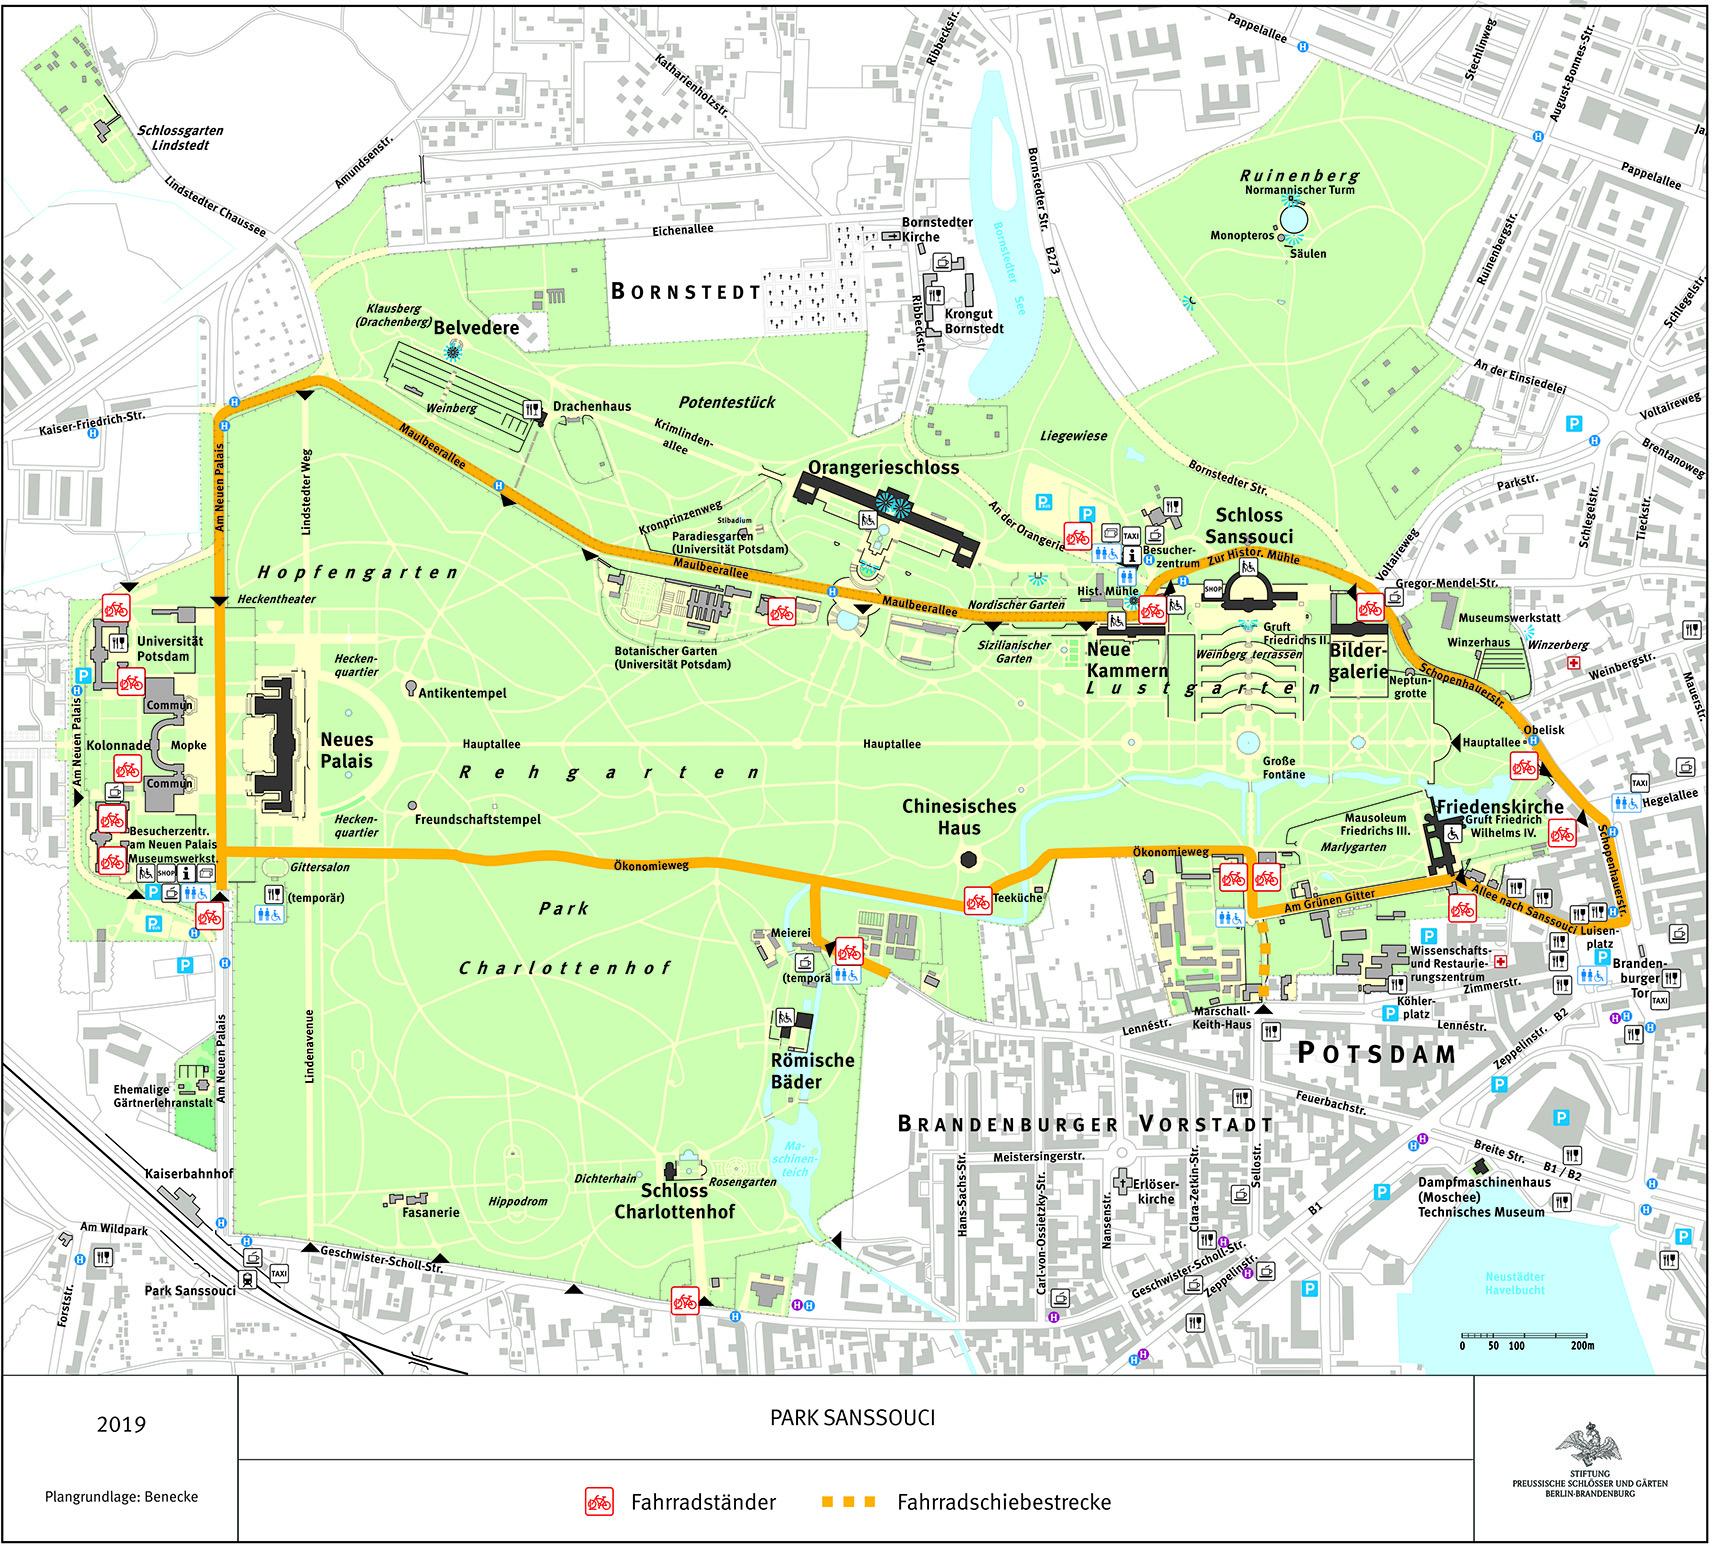 Schlosser Garten Parkordnungen Parkordnung Park Sanssouci Stiftung Preussische Schlosser Und Garten